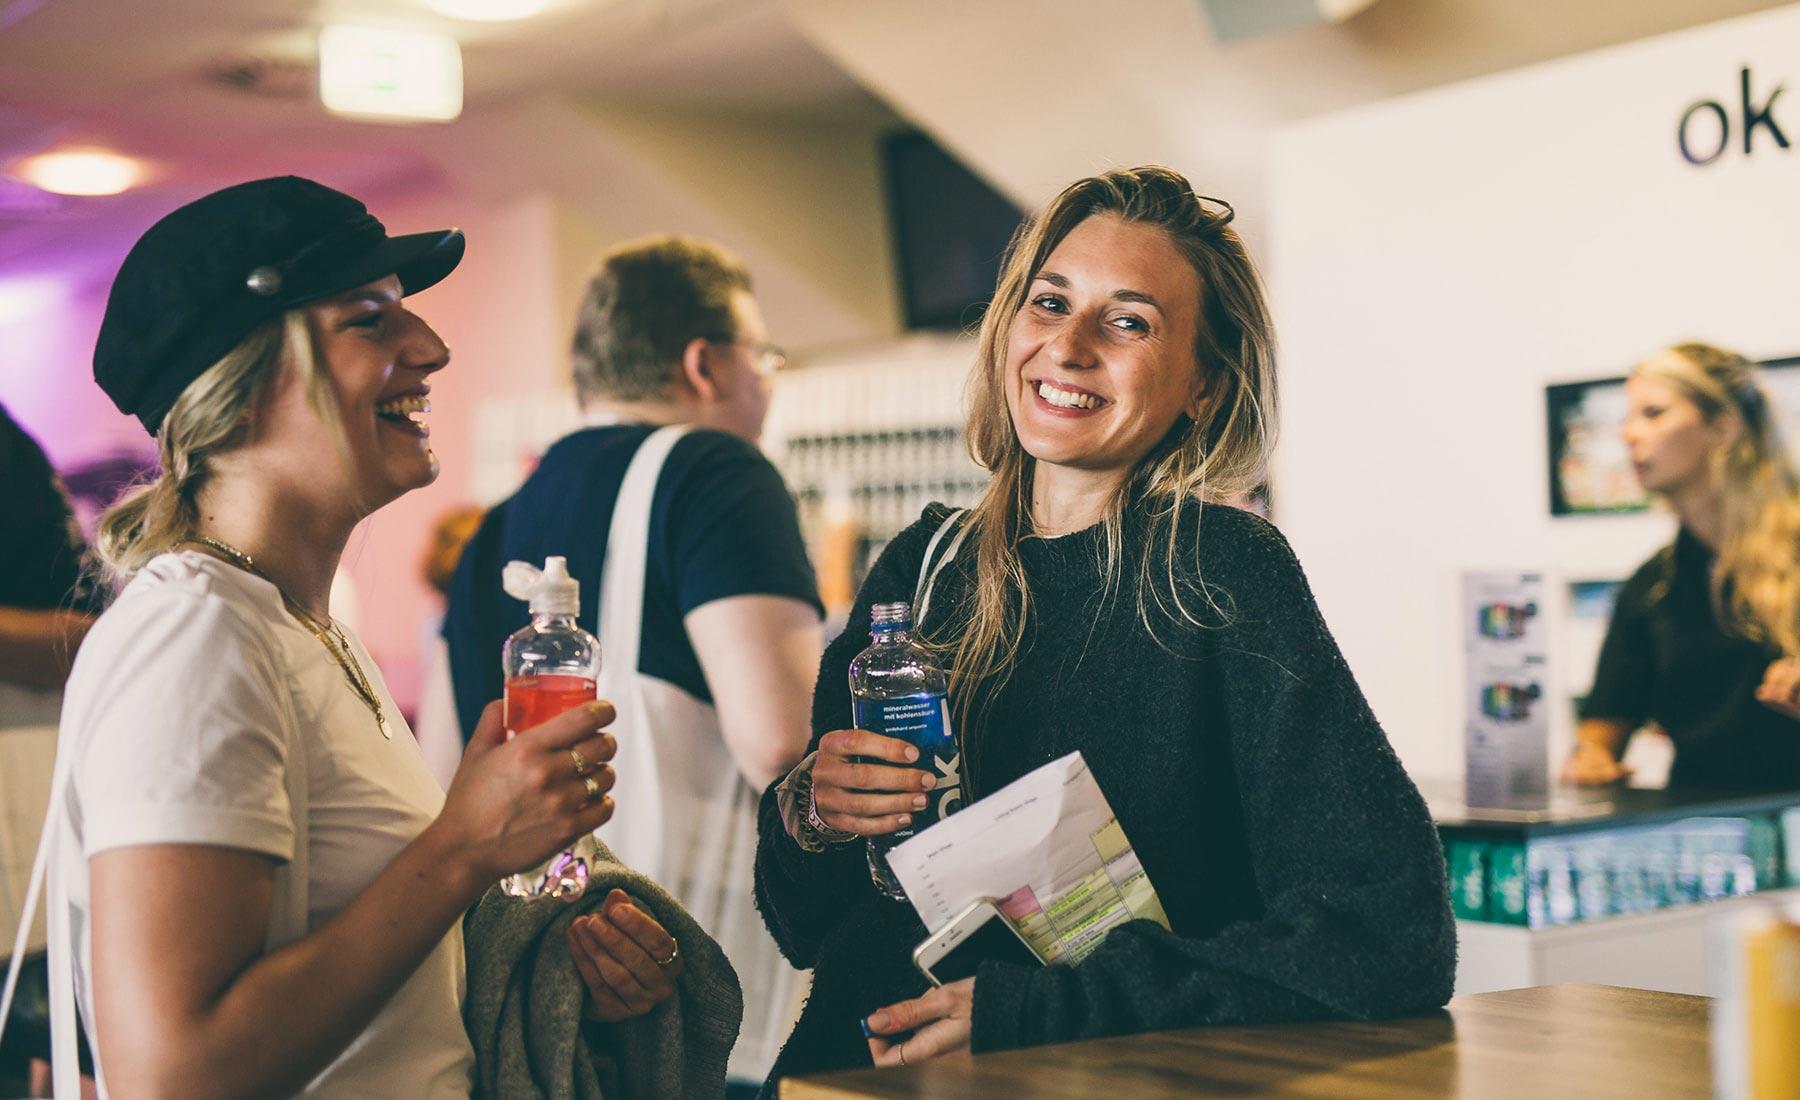 recap-forward-festival-hamburg-2018-visitors-02